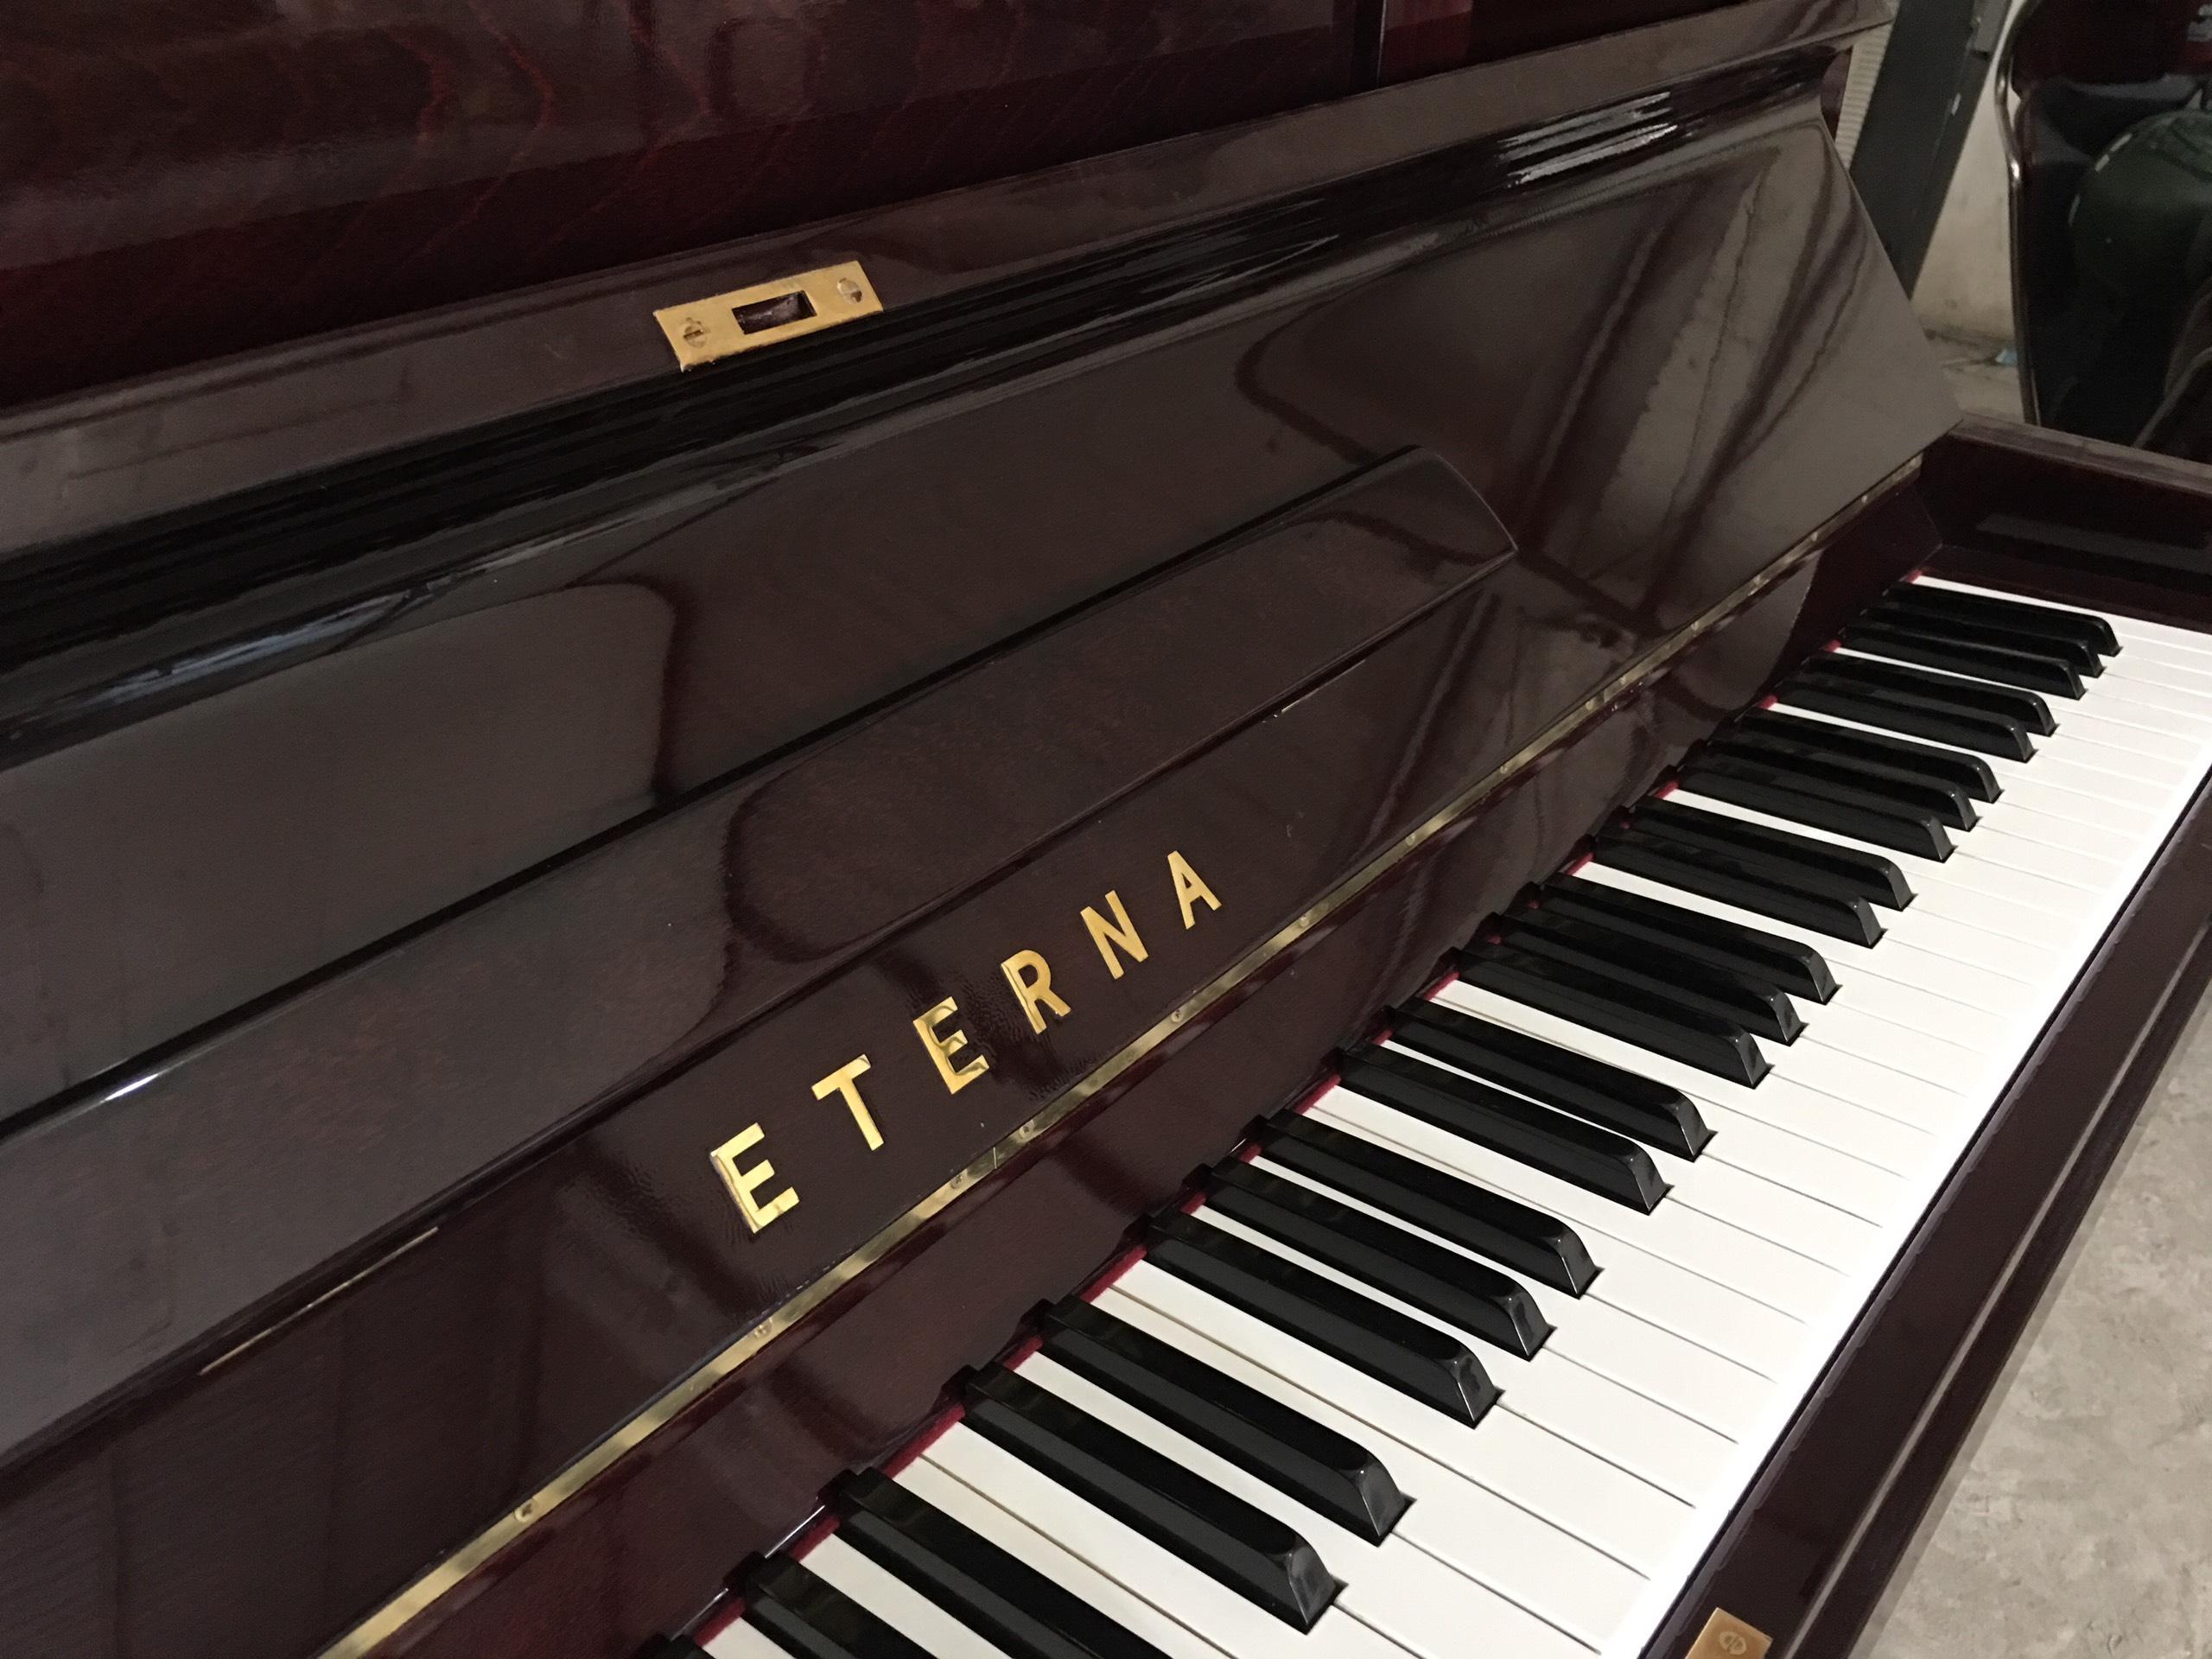 Piano Eterna